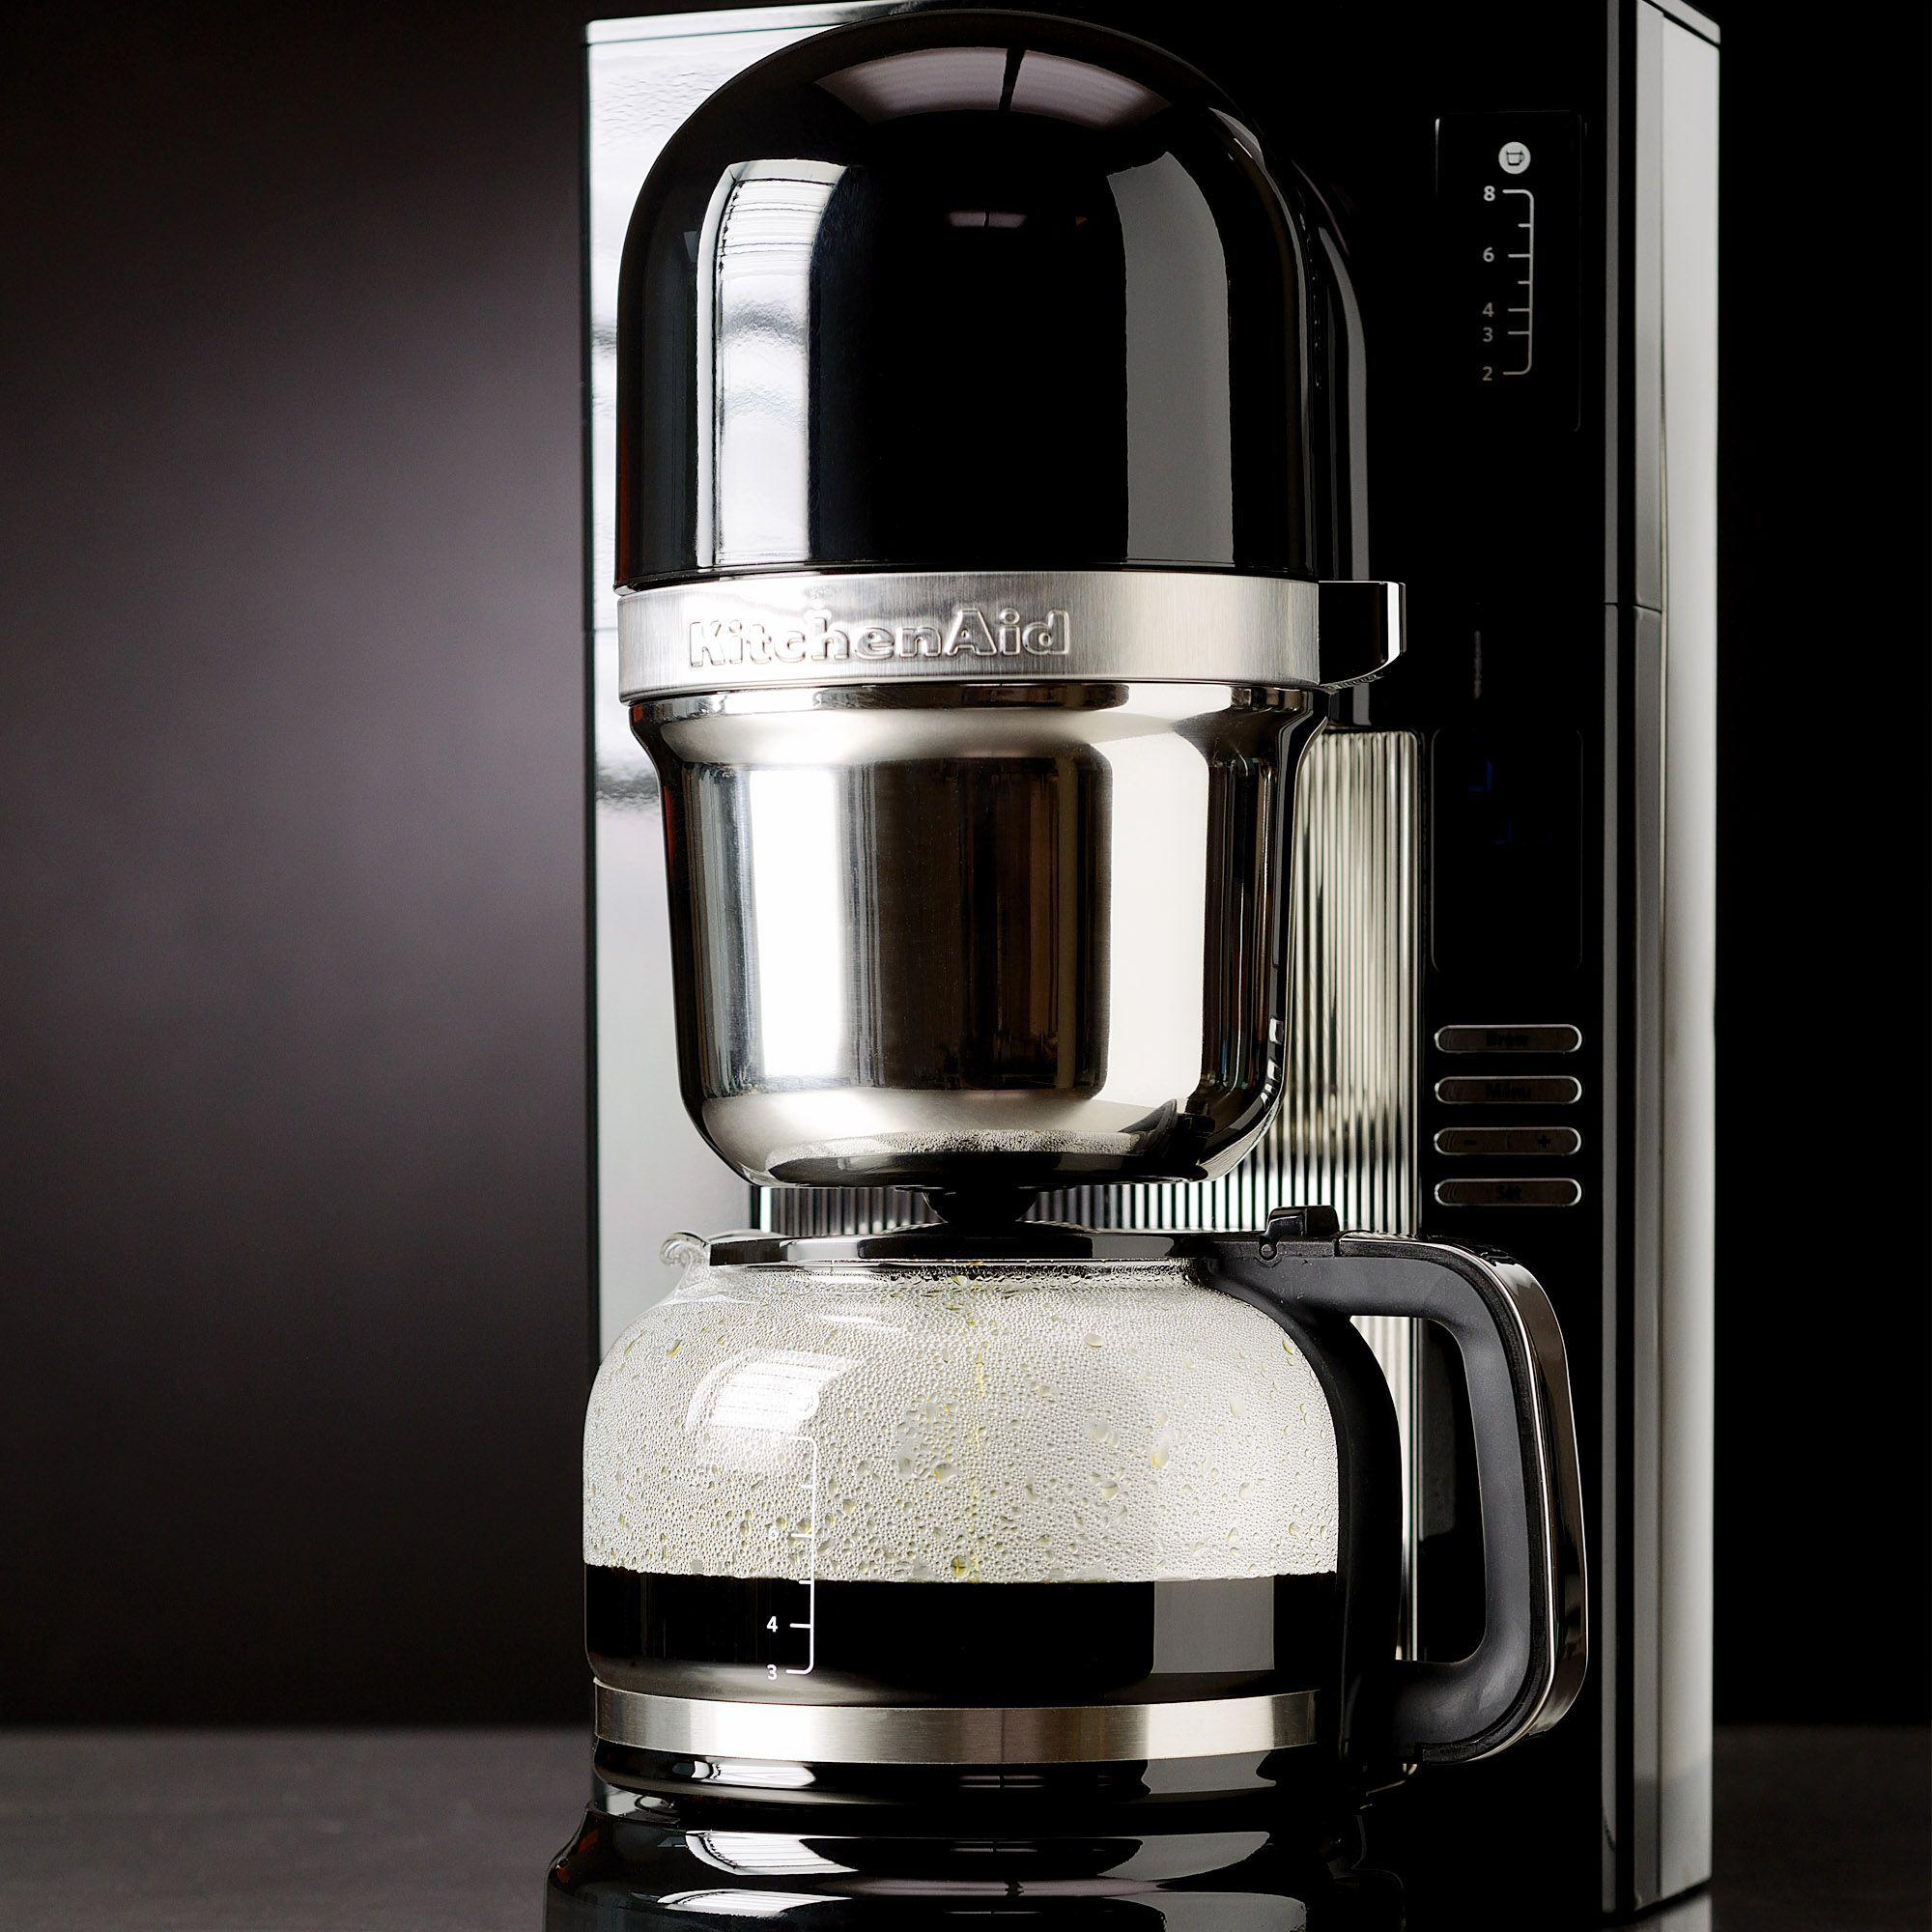 KitchenAid Macchina per caffè americano KCM0802